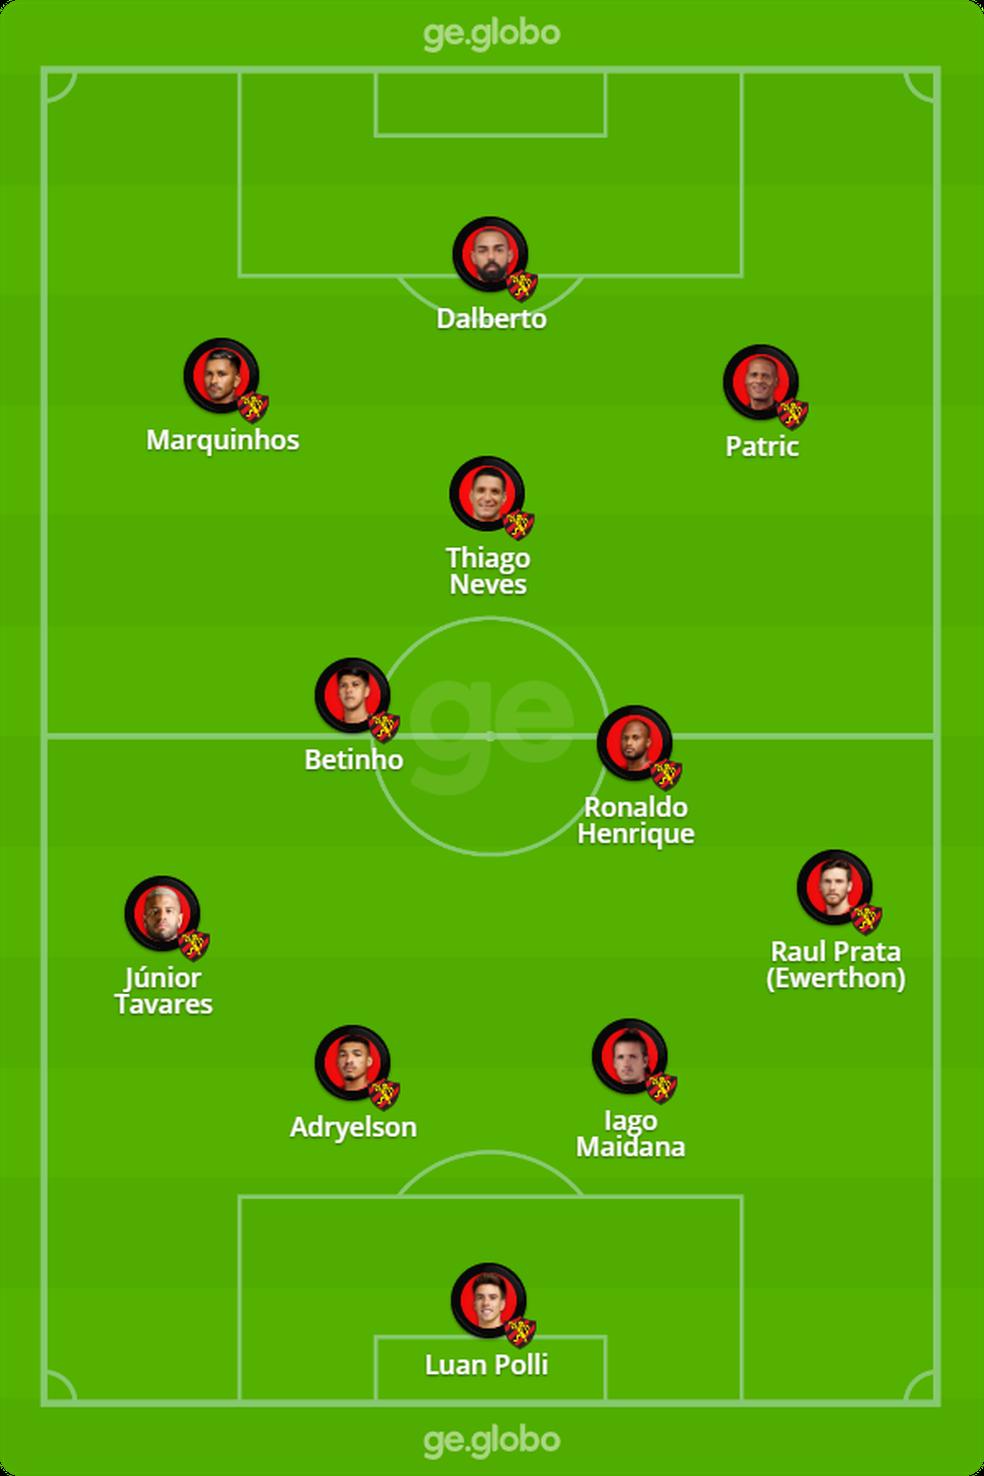 Provável escalação do Sport contra o Flamengo — Foto: ge